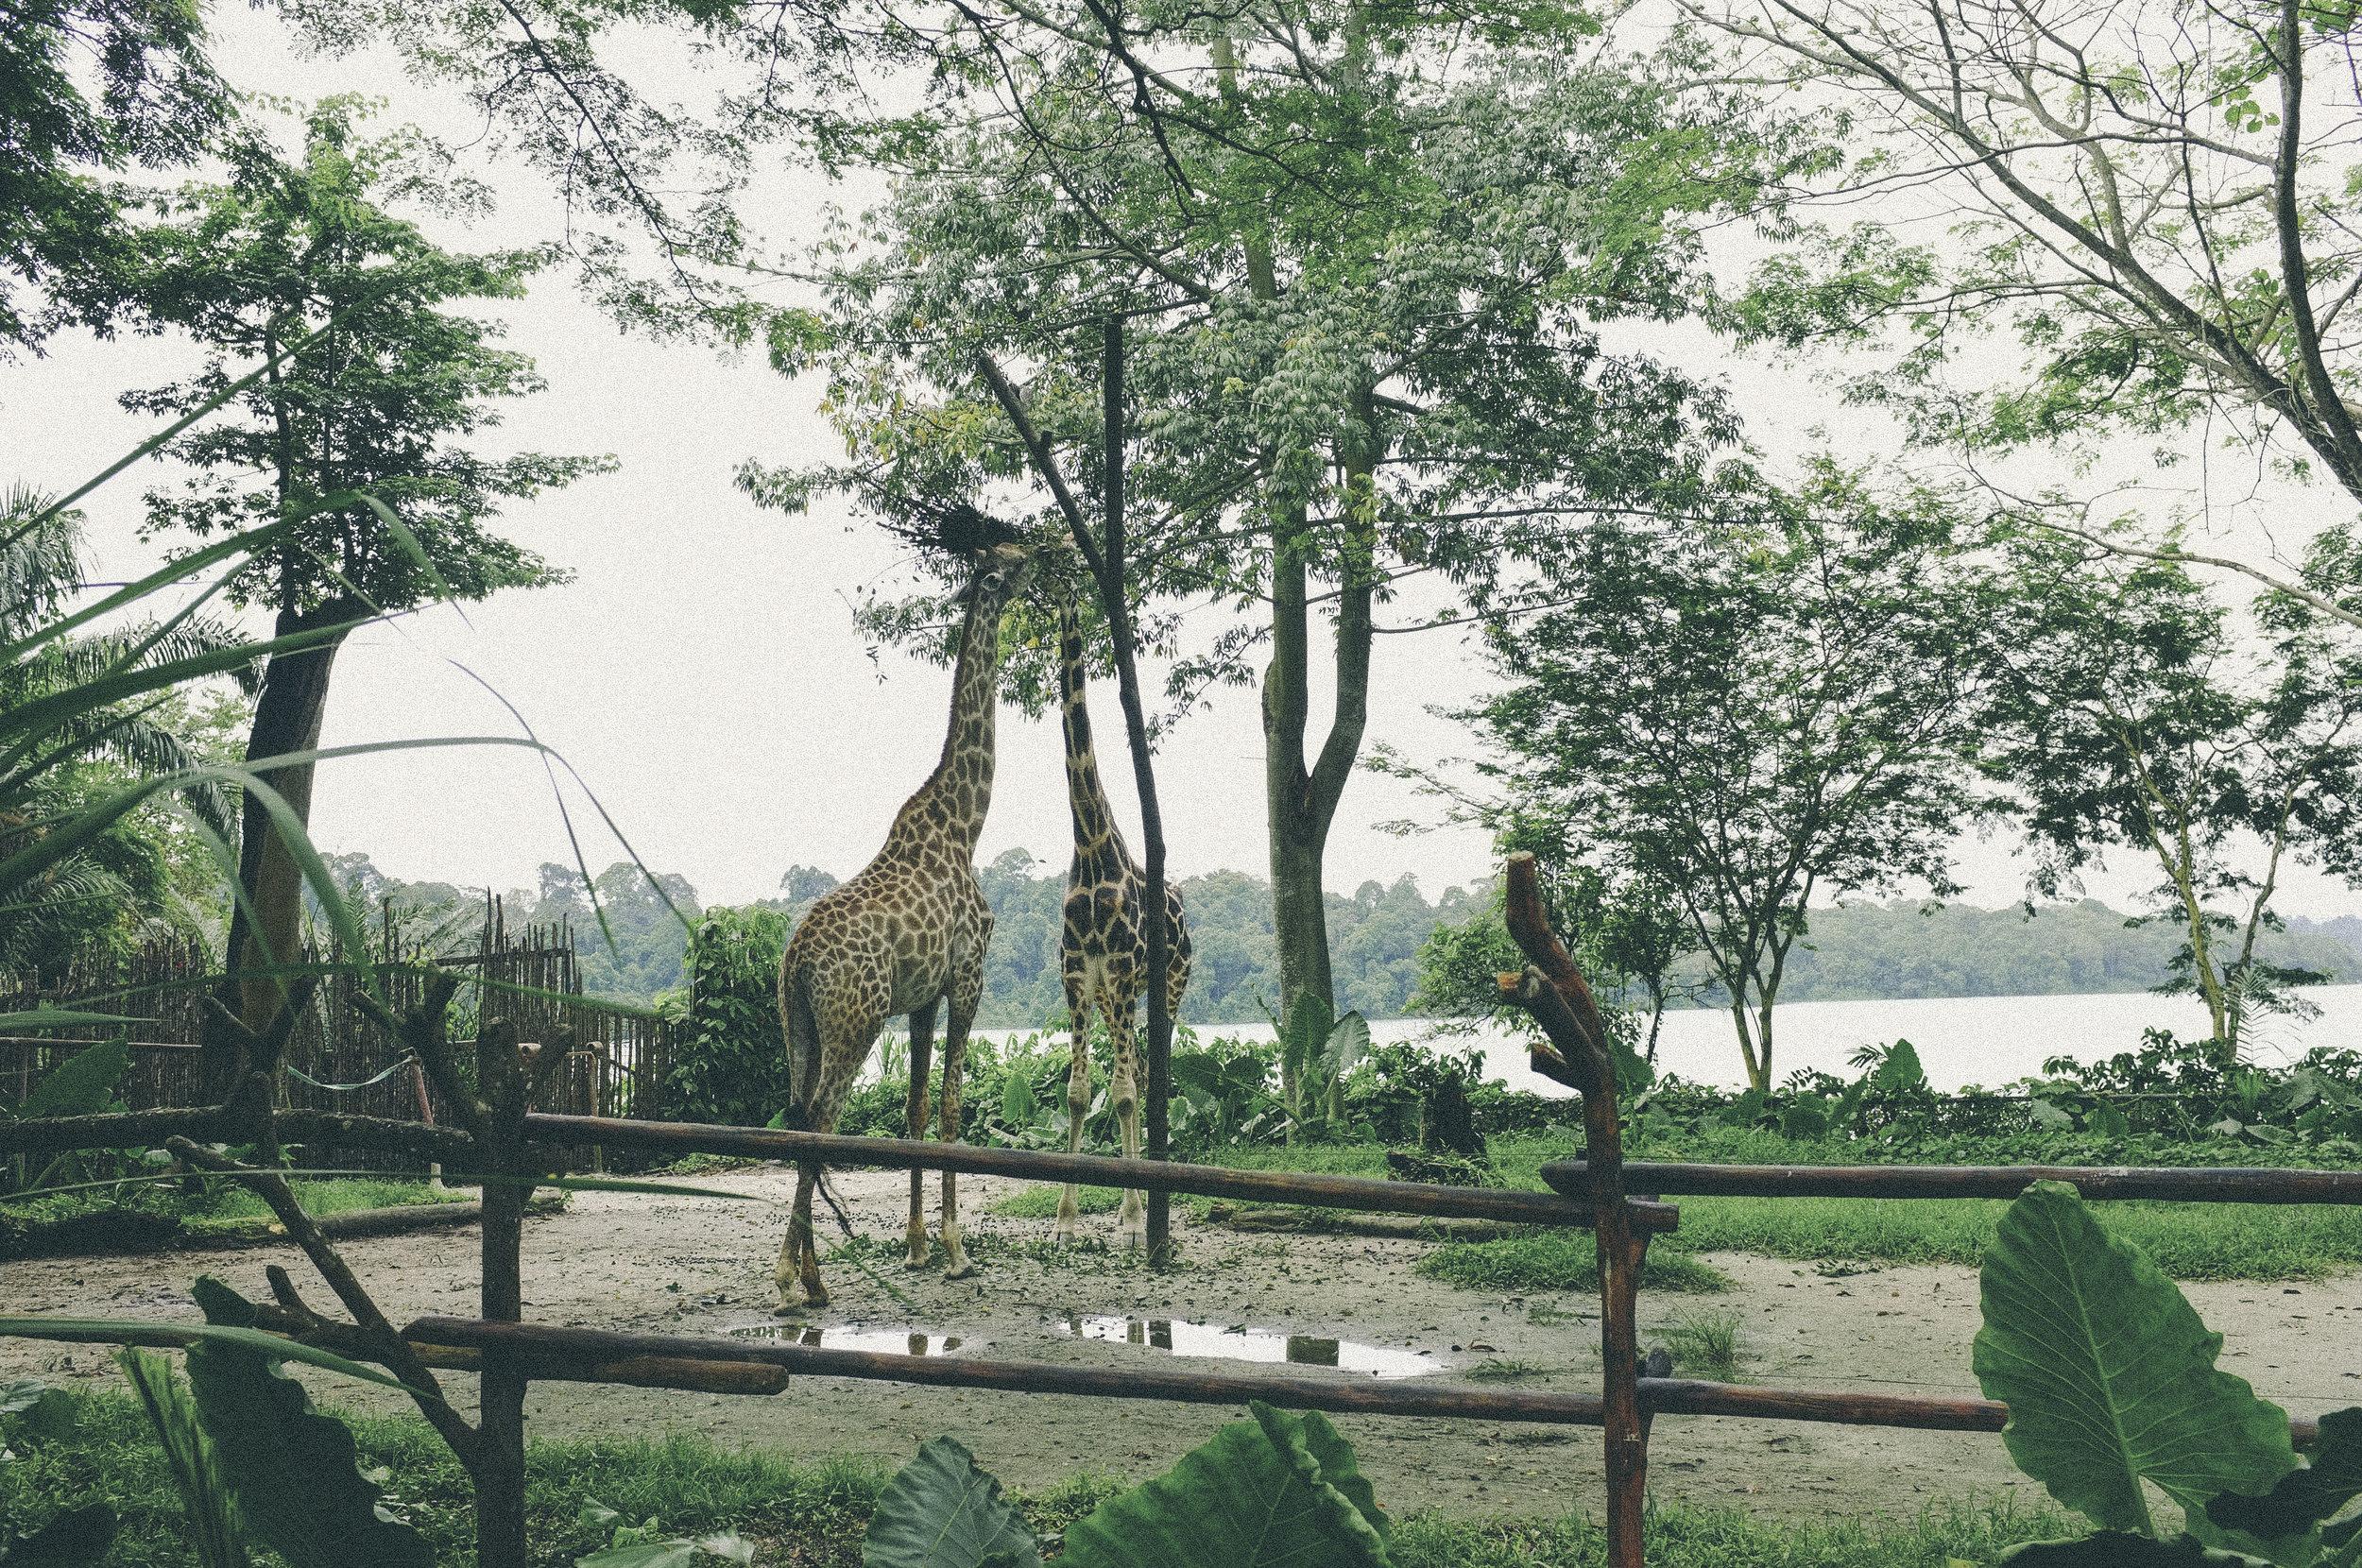 singapore zoo, singapore - www.derrive.com